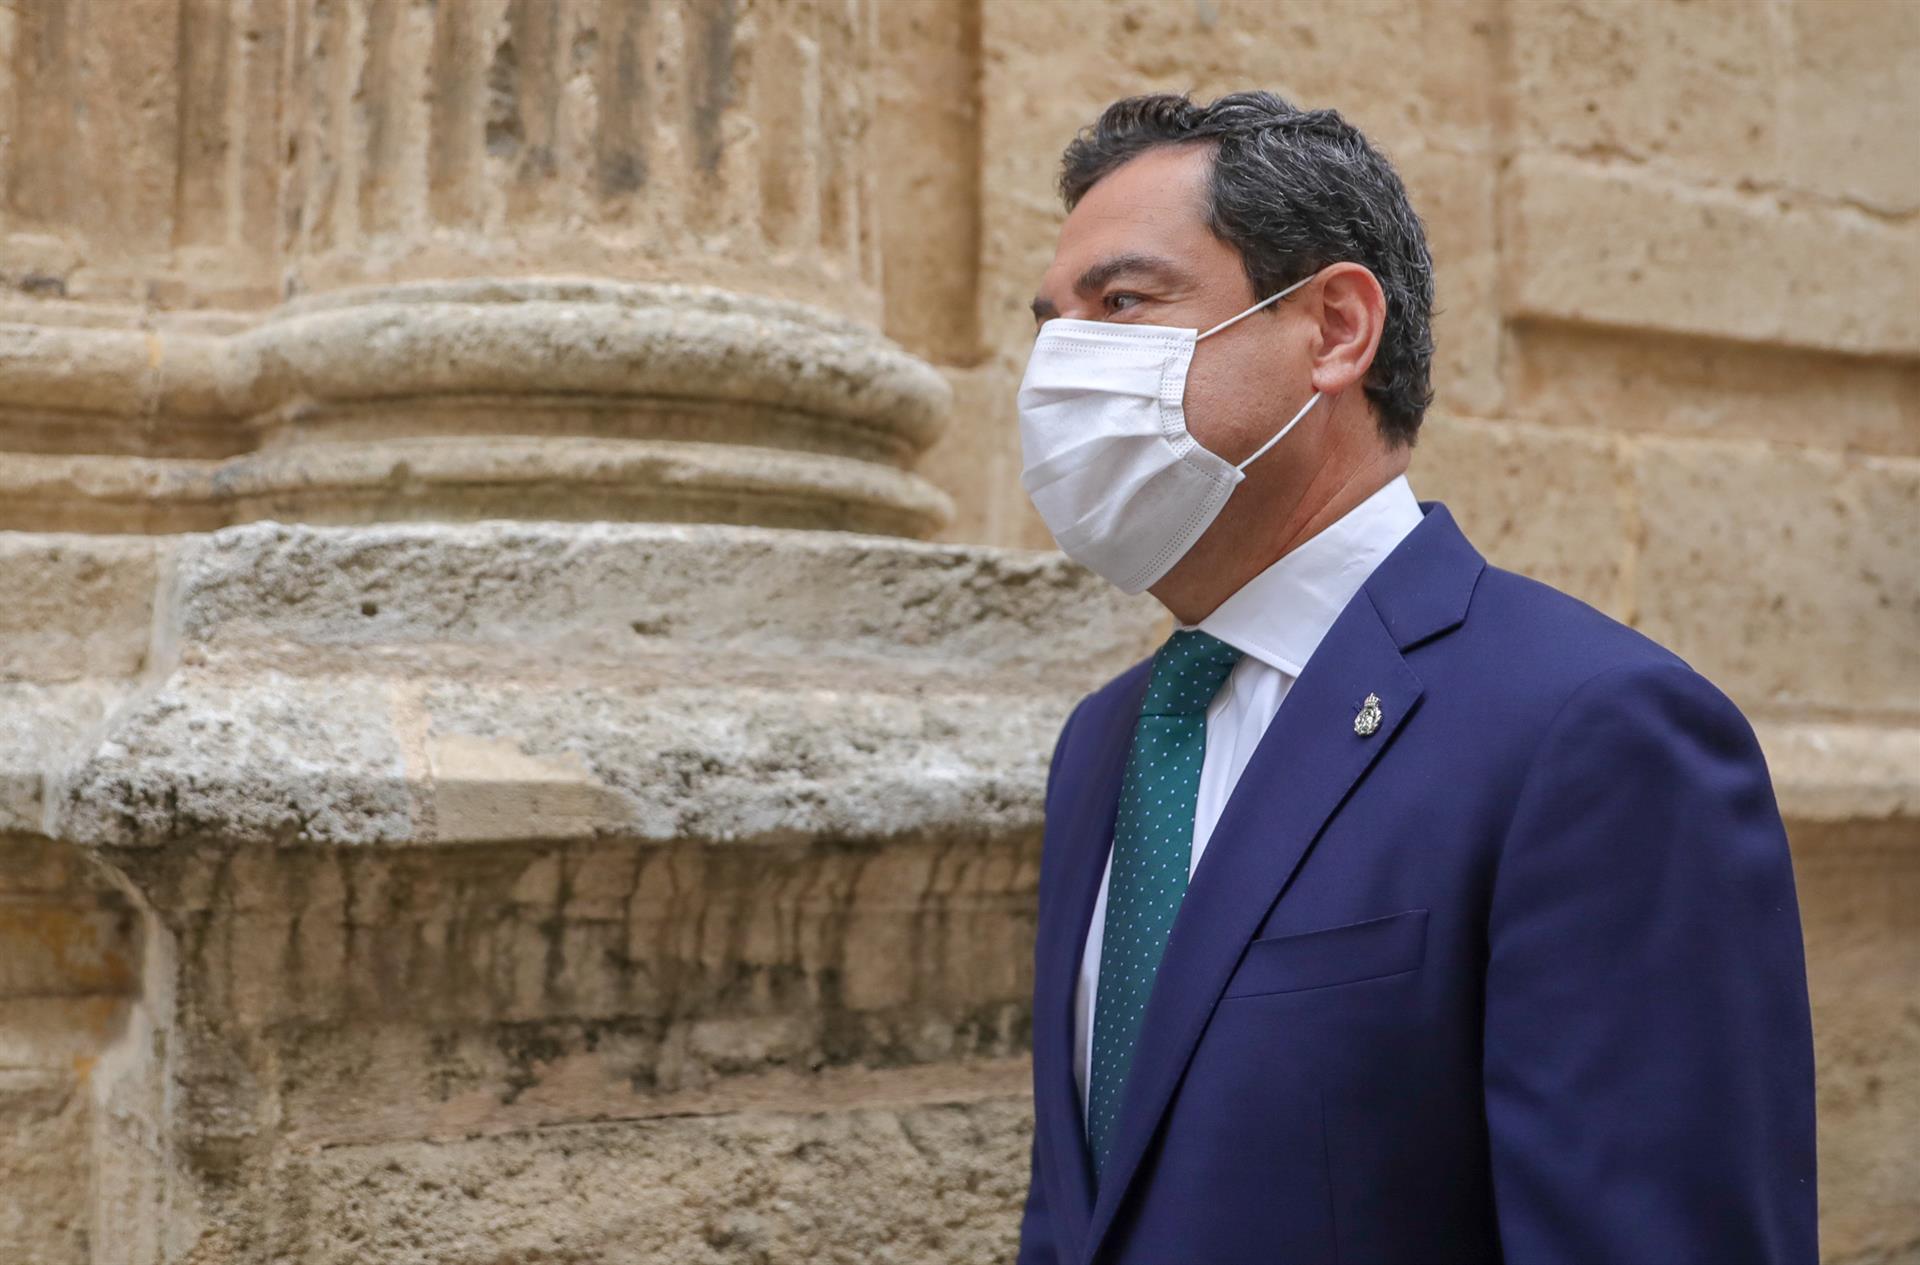 El presidente de la Junta de Andalucía, Juanma Moreno, en su última aparición pública en el Pleno del Parlamento, el miércoles 27 de mayo de 2021 – María José López – Europa Press